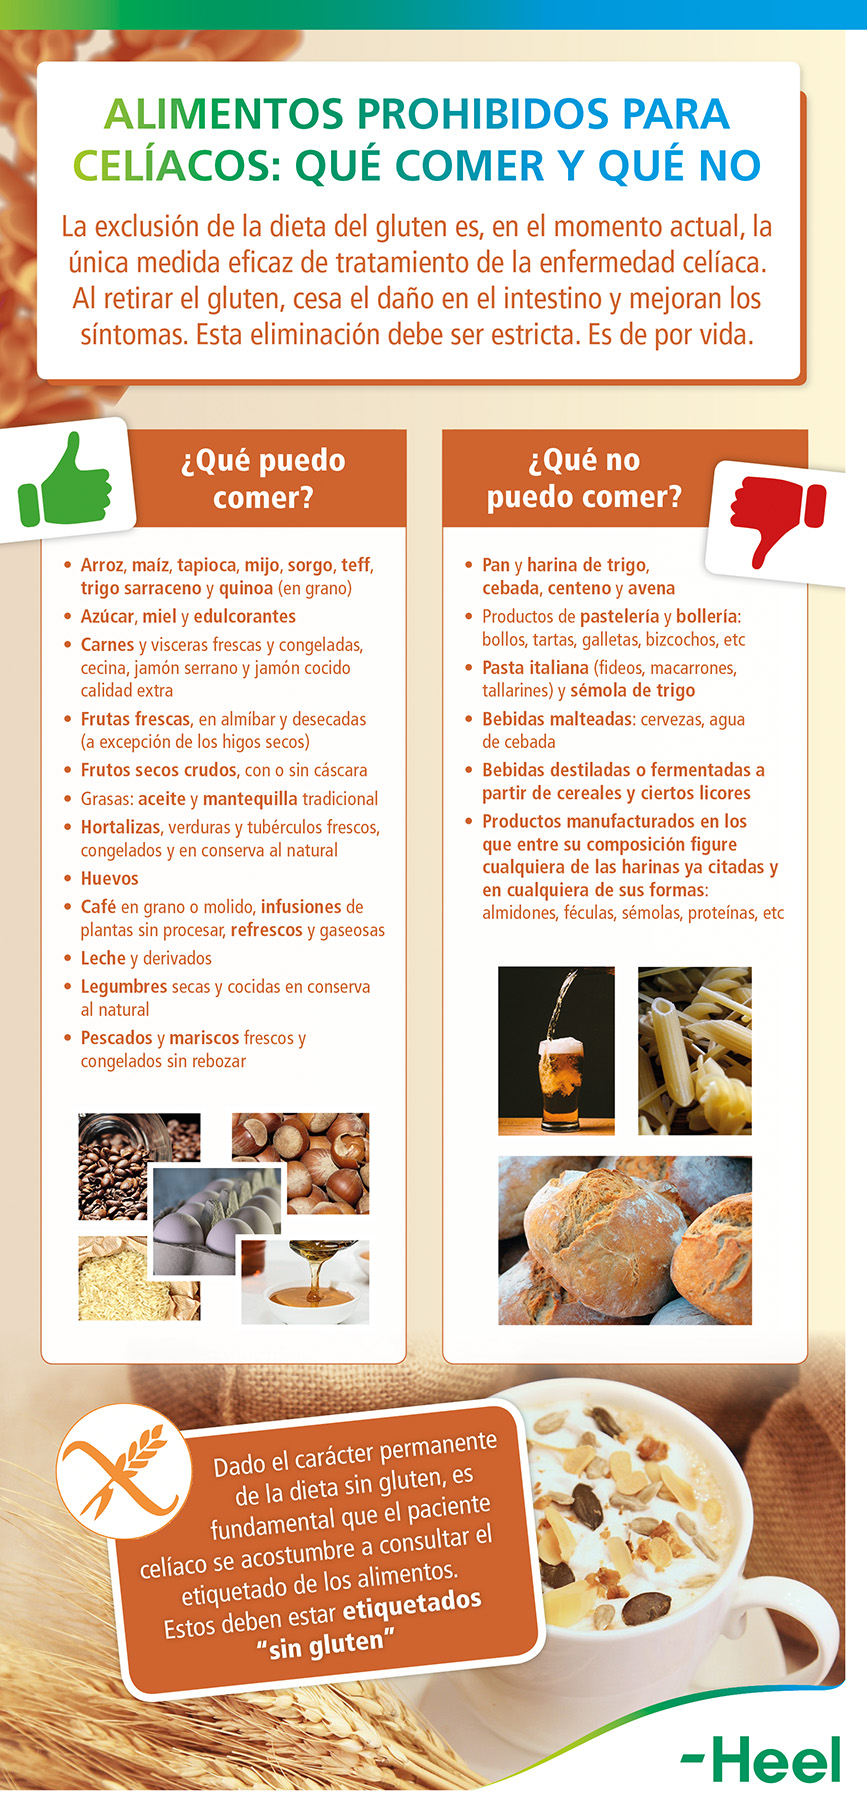 Alimentos - prohibidos - celiacos - HeelProbiotics - HeelEspana